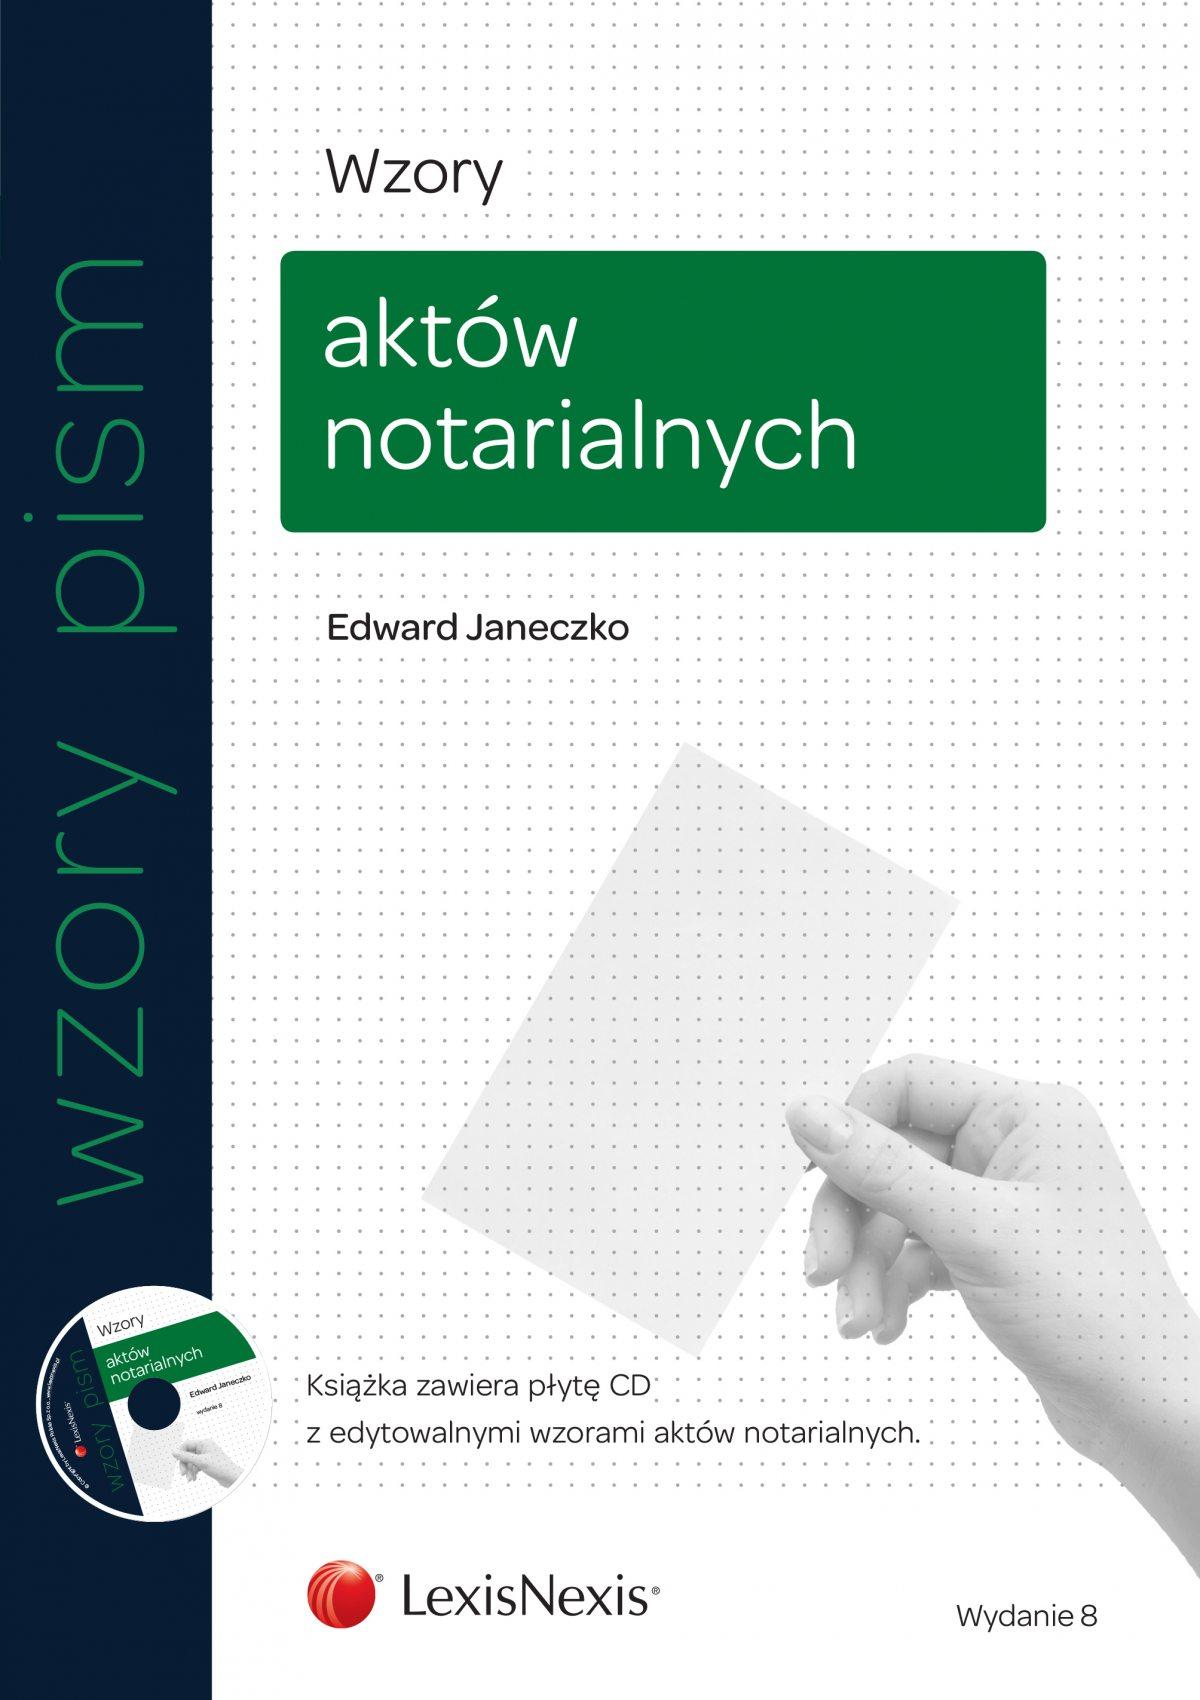 Wzory aktów notarialnych. Wydanie 8 - Ebook (Książka EPUB) do pobrania w formacie EPUB